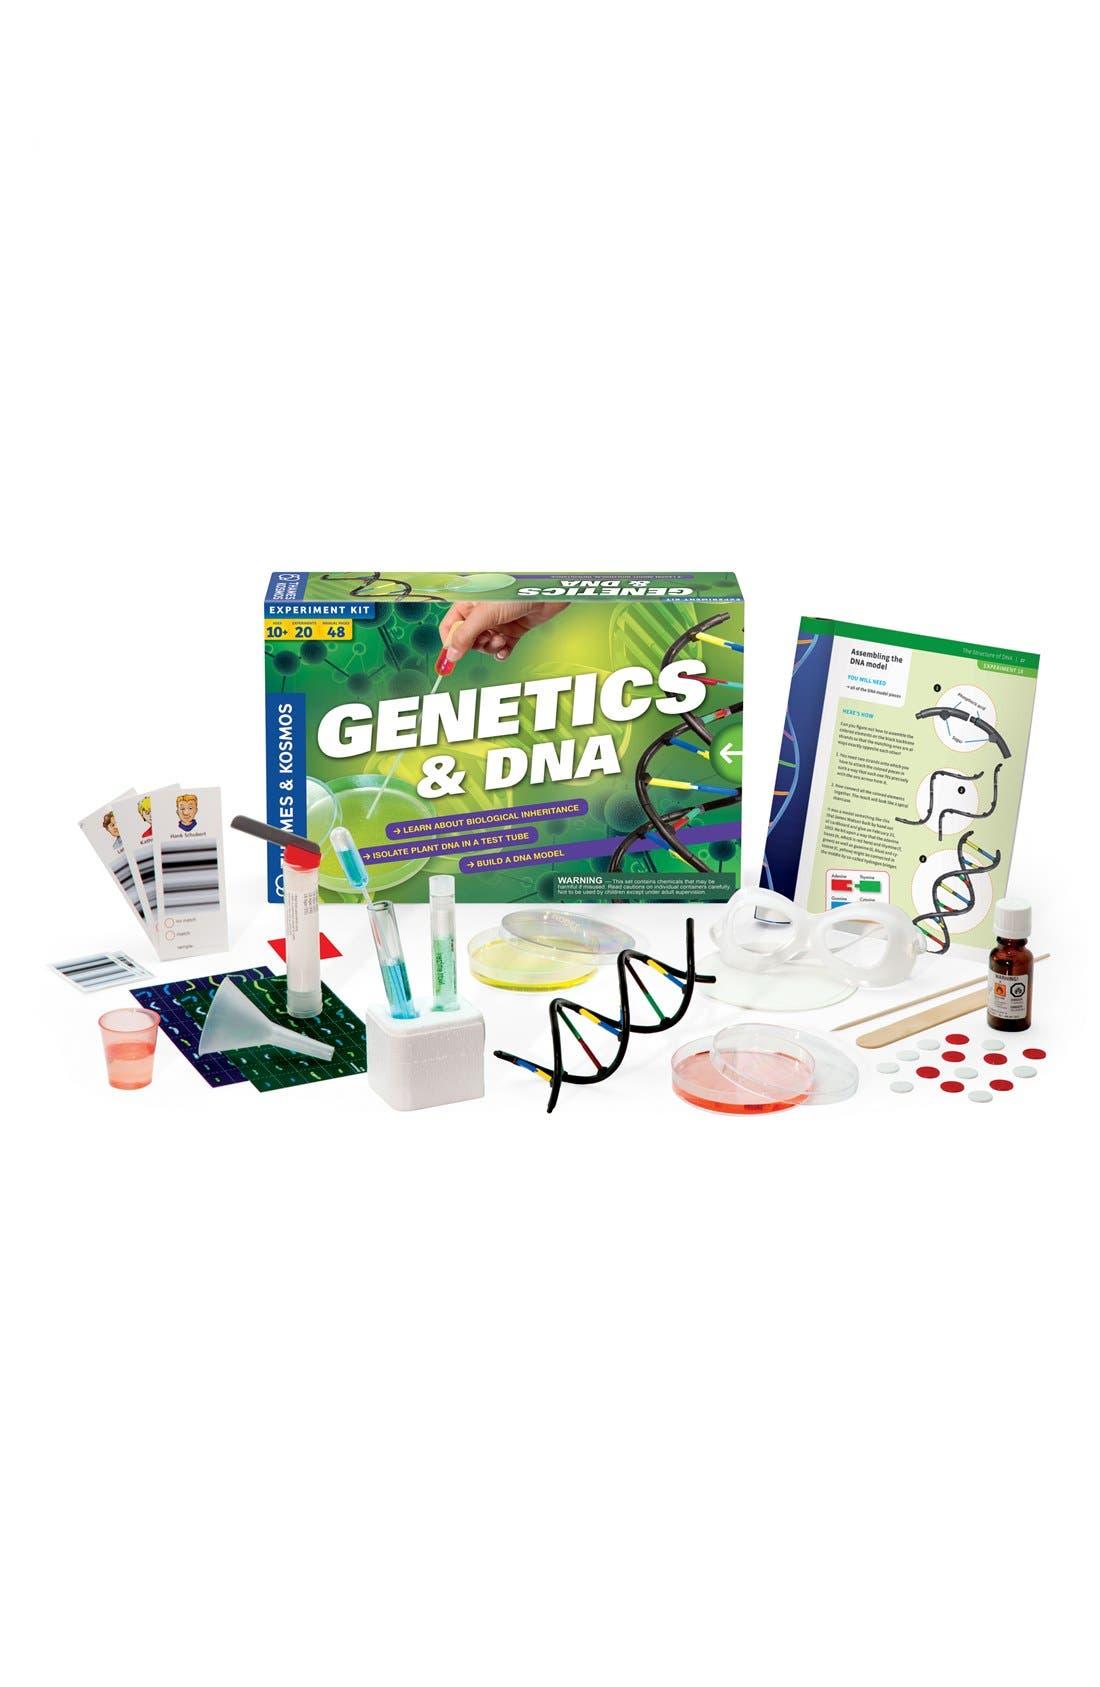 Thames & Kosmos 'Genetics & DNA 2.0' Experiment Kit